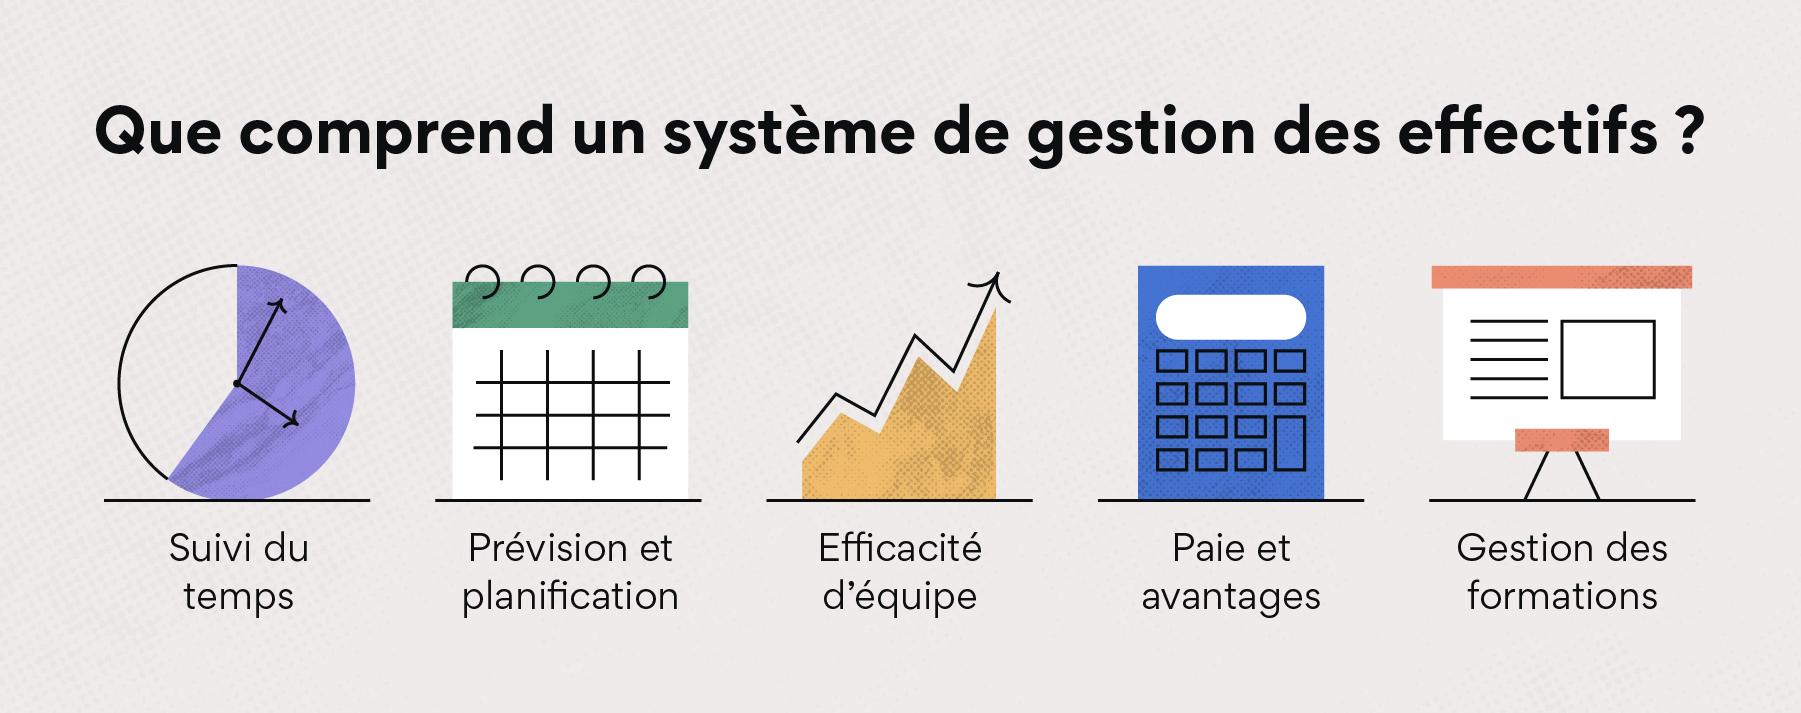 Que comprend un système de gestion des effectifs?